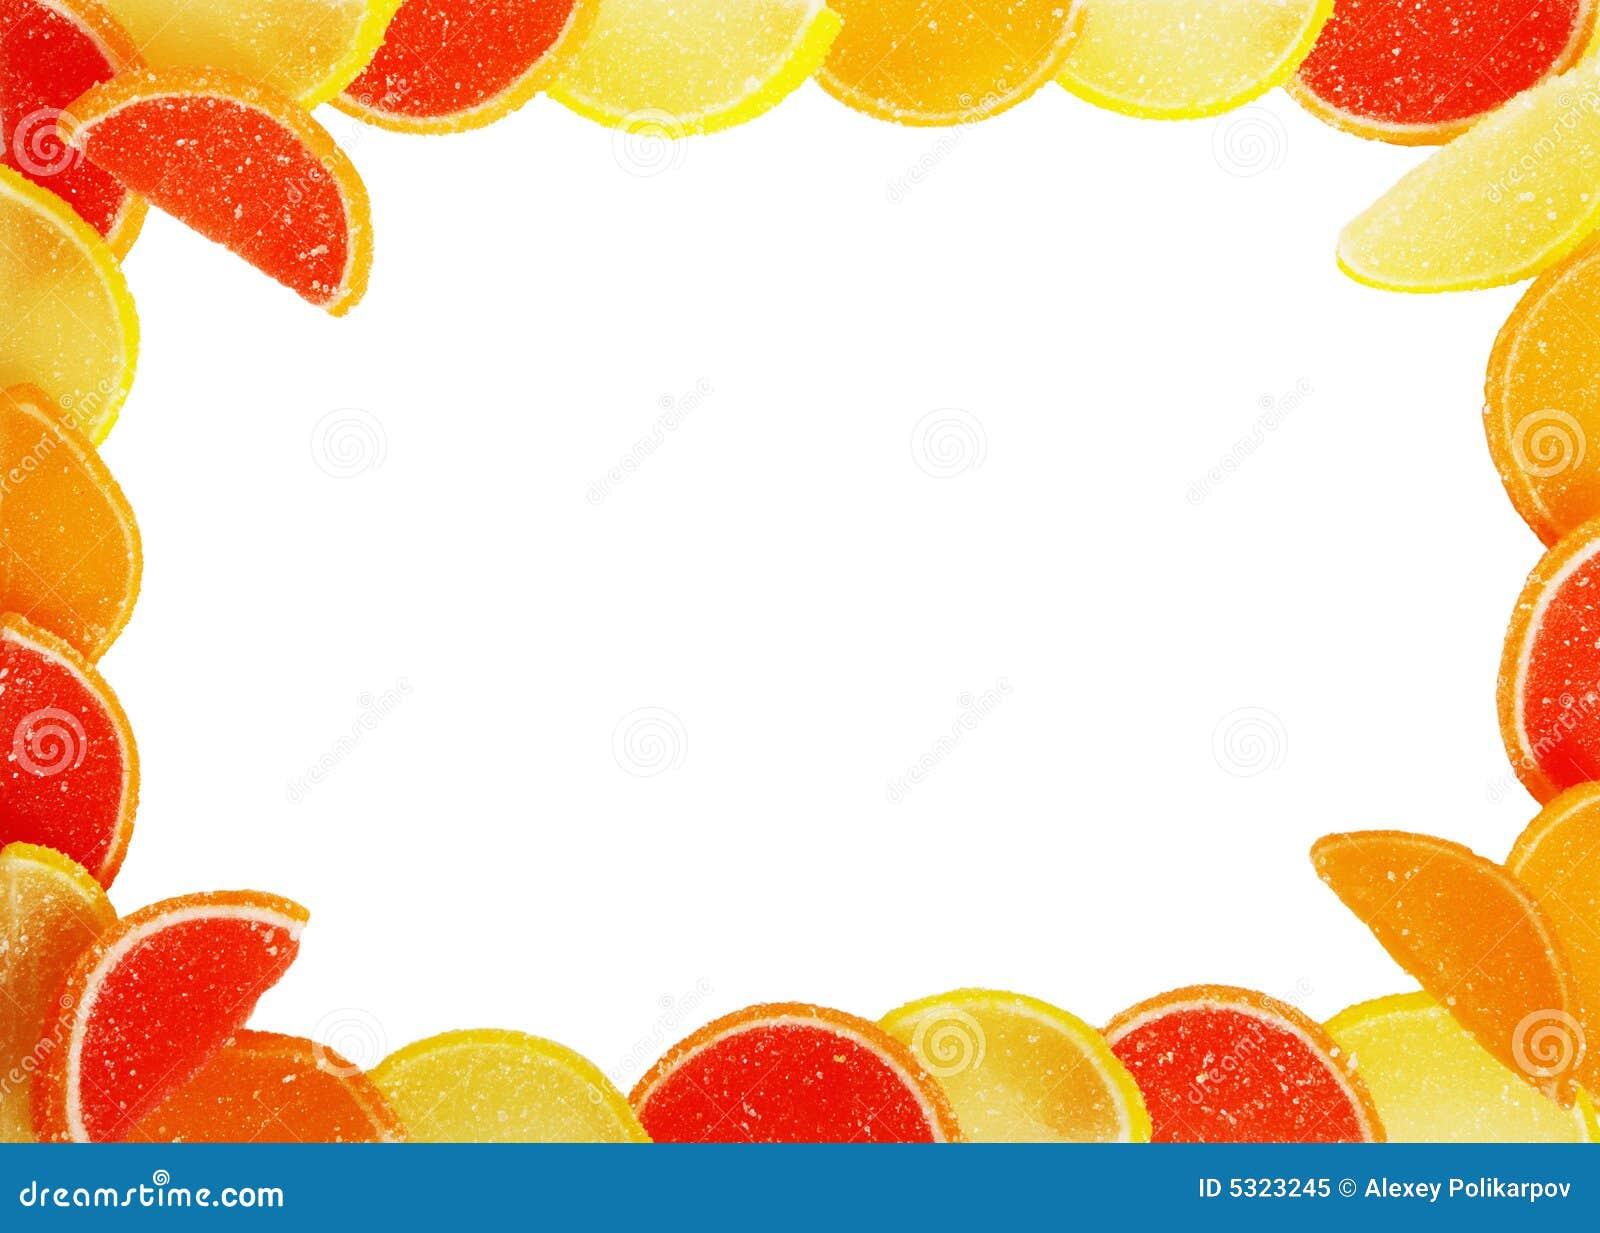 Download Pagina Dalla Caramella Della Frutta Immagine Stock - Immagine di blank, limone: 5323245